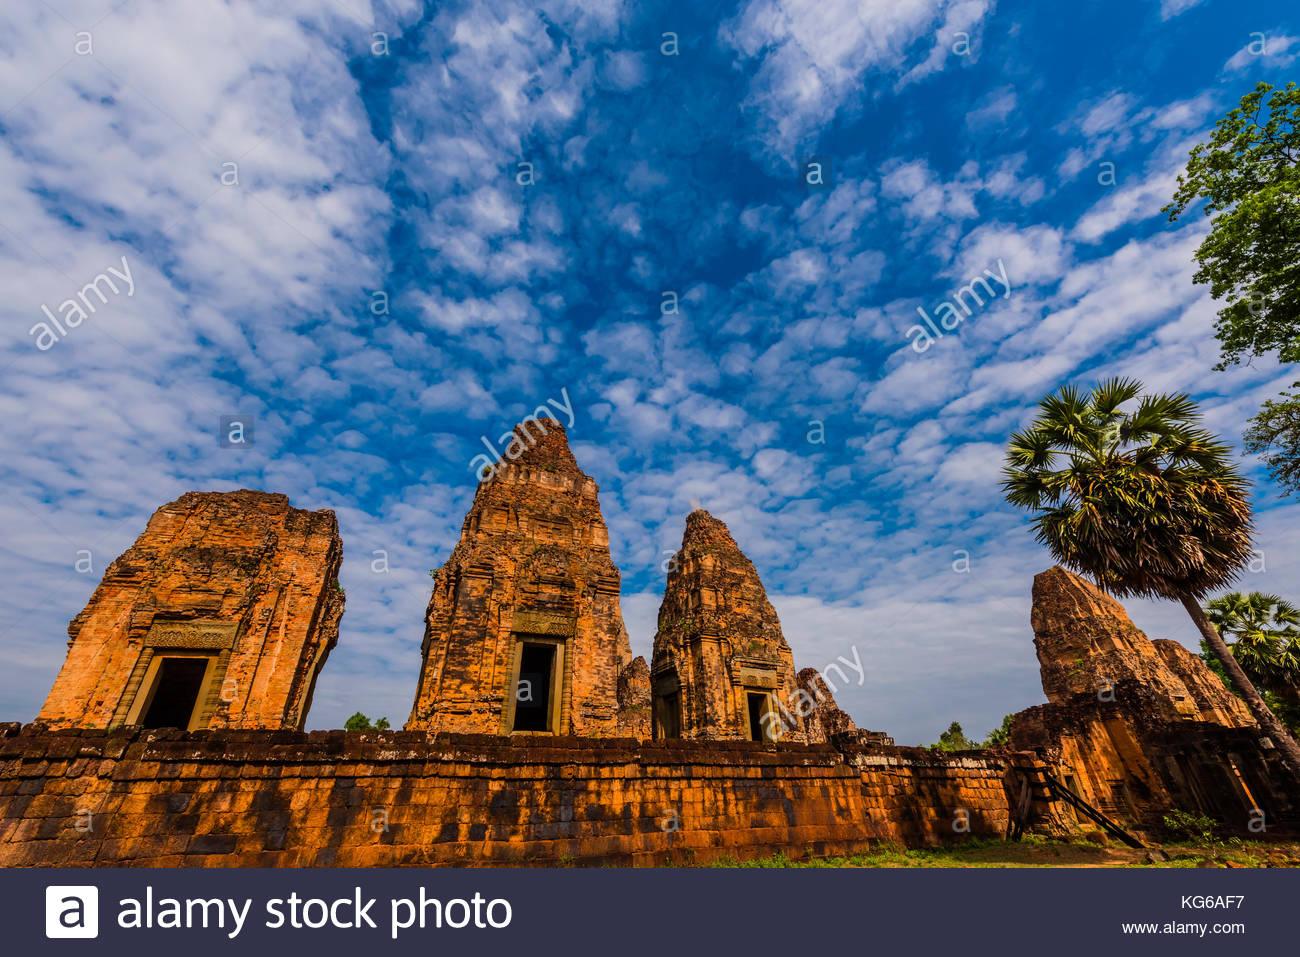 Pre Rup ist ein hinduistischer Tempel in Angkor, Kambodscha, gebaut als die Tempel der Khmer König Rajendravarman Stockbild